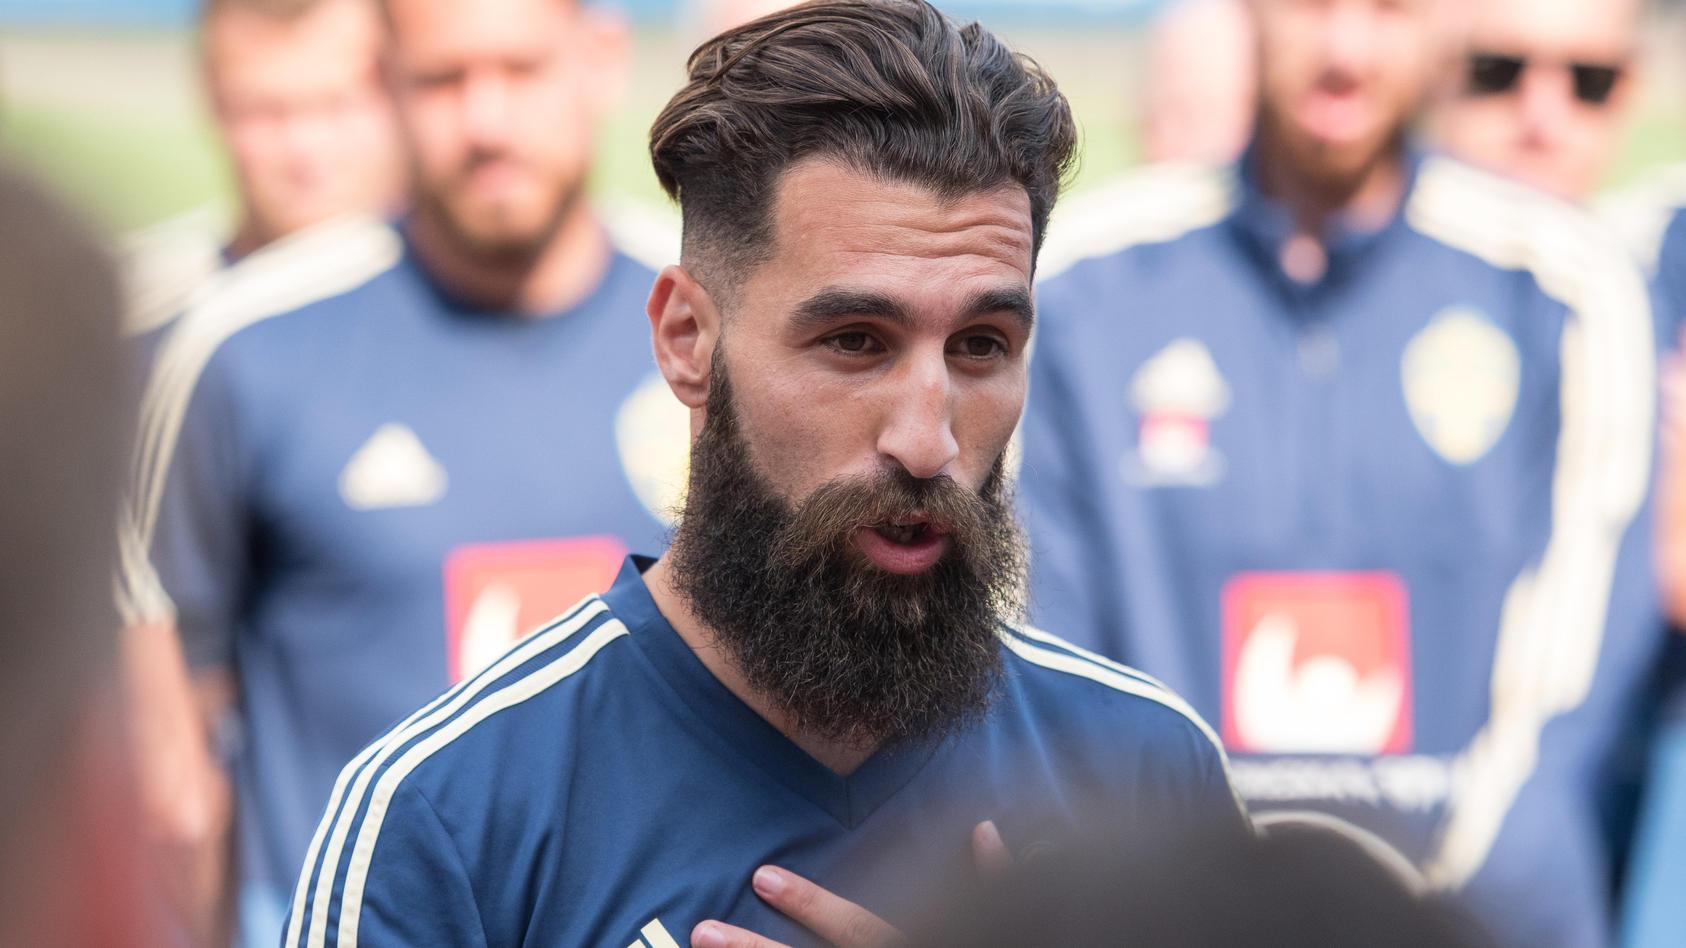 Der türkisch-stämmige Schwede Jimmy Durmaz hatte beim 1:2 der Schweden gegen Deutschland den entscheidenden Freistoß verursacht